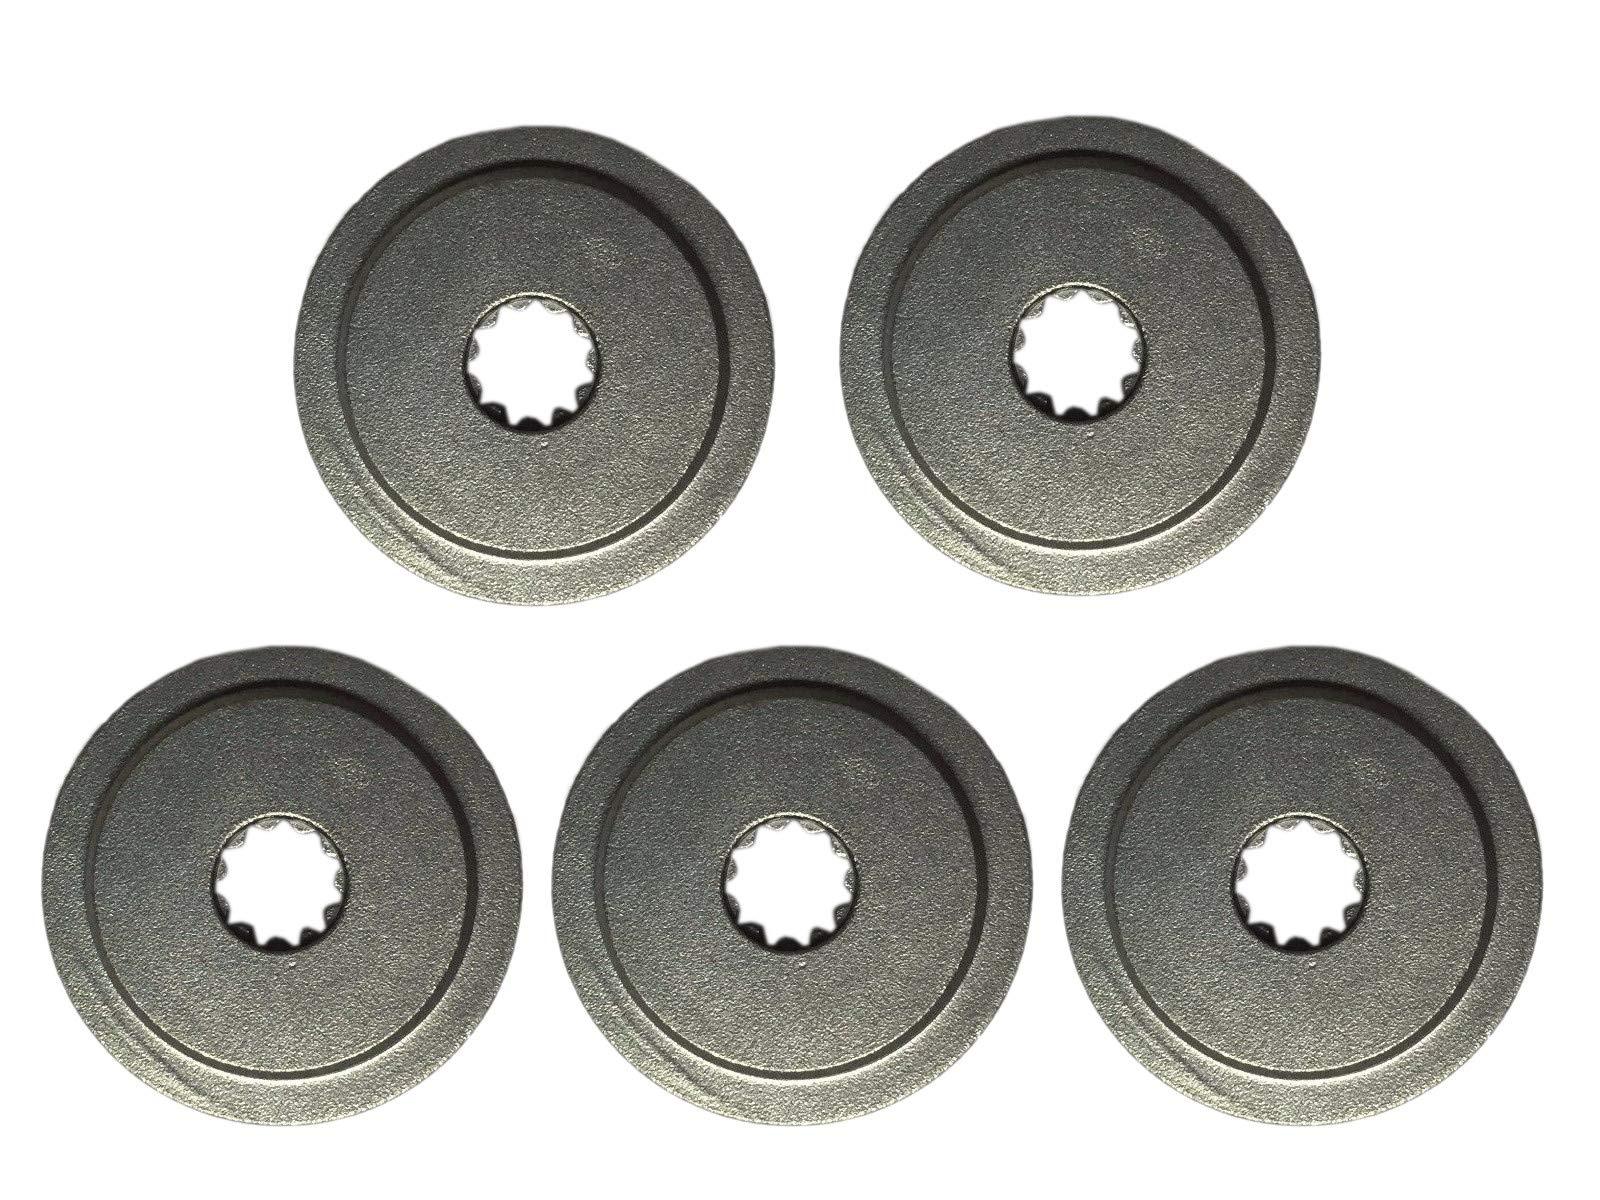 5 Pack Echo C535000210 Upper Adapter Plate Fits SRM-225 SRM-280 SRM-266 SRM-210 SRM-211 SRM-251 Trimmers